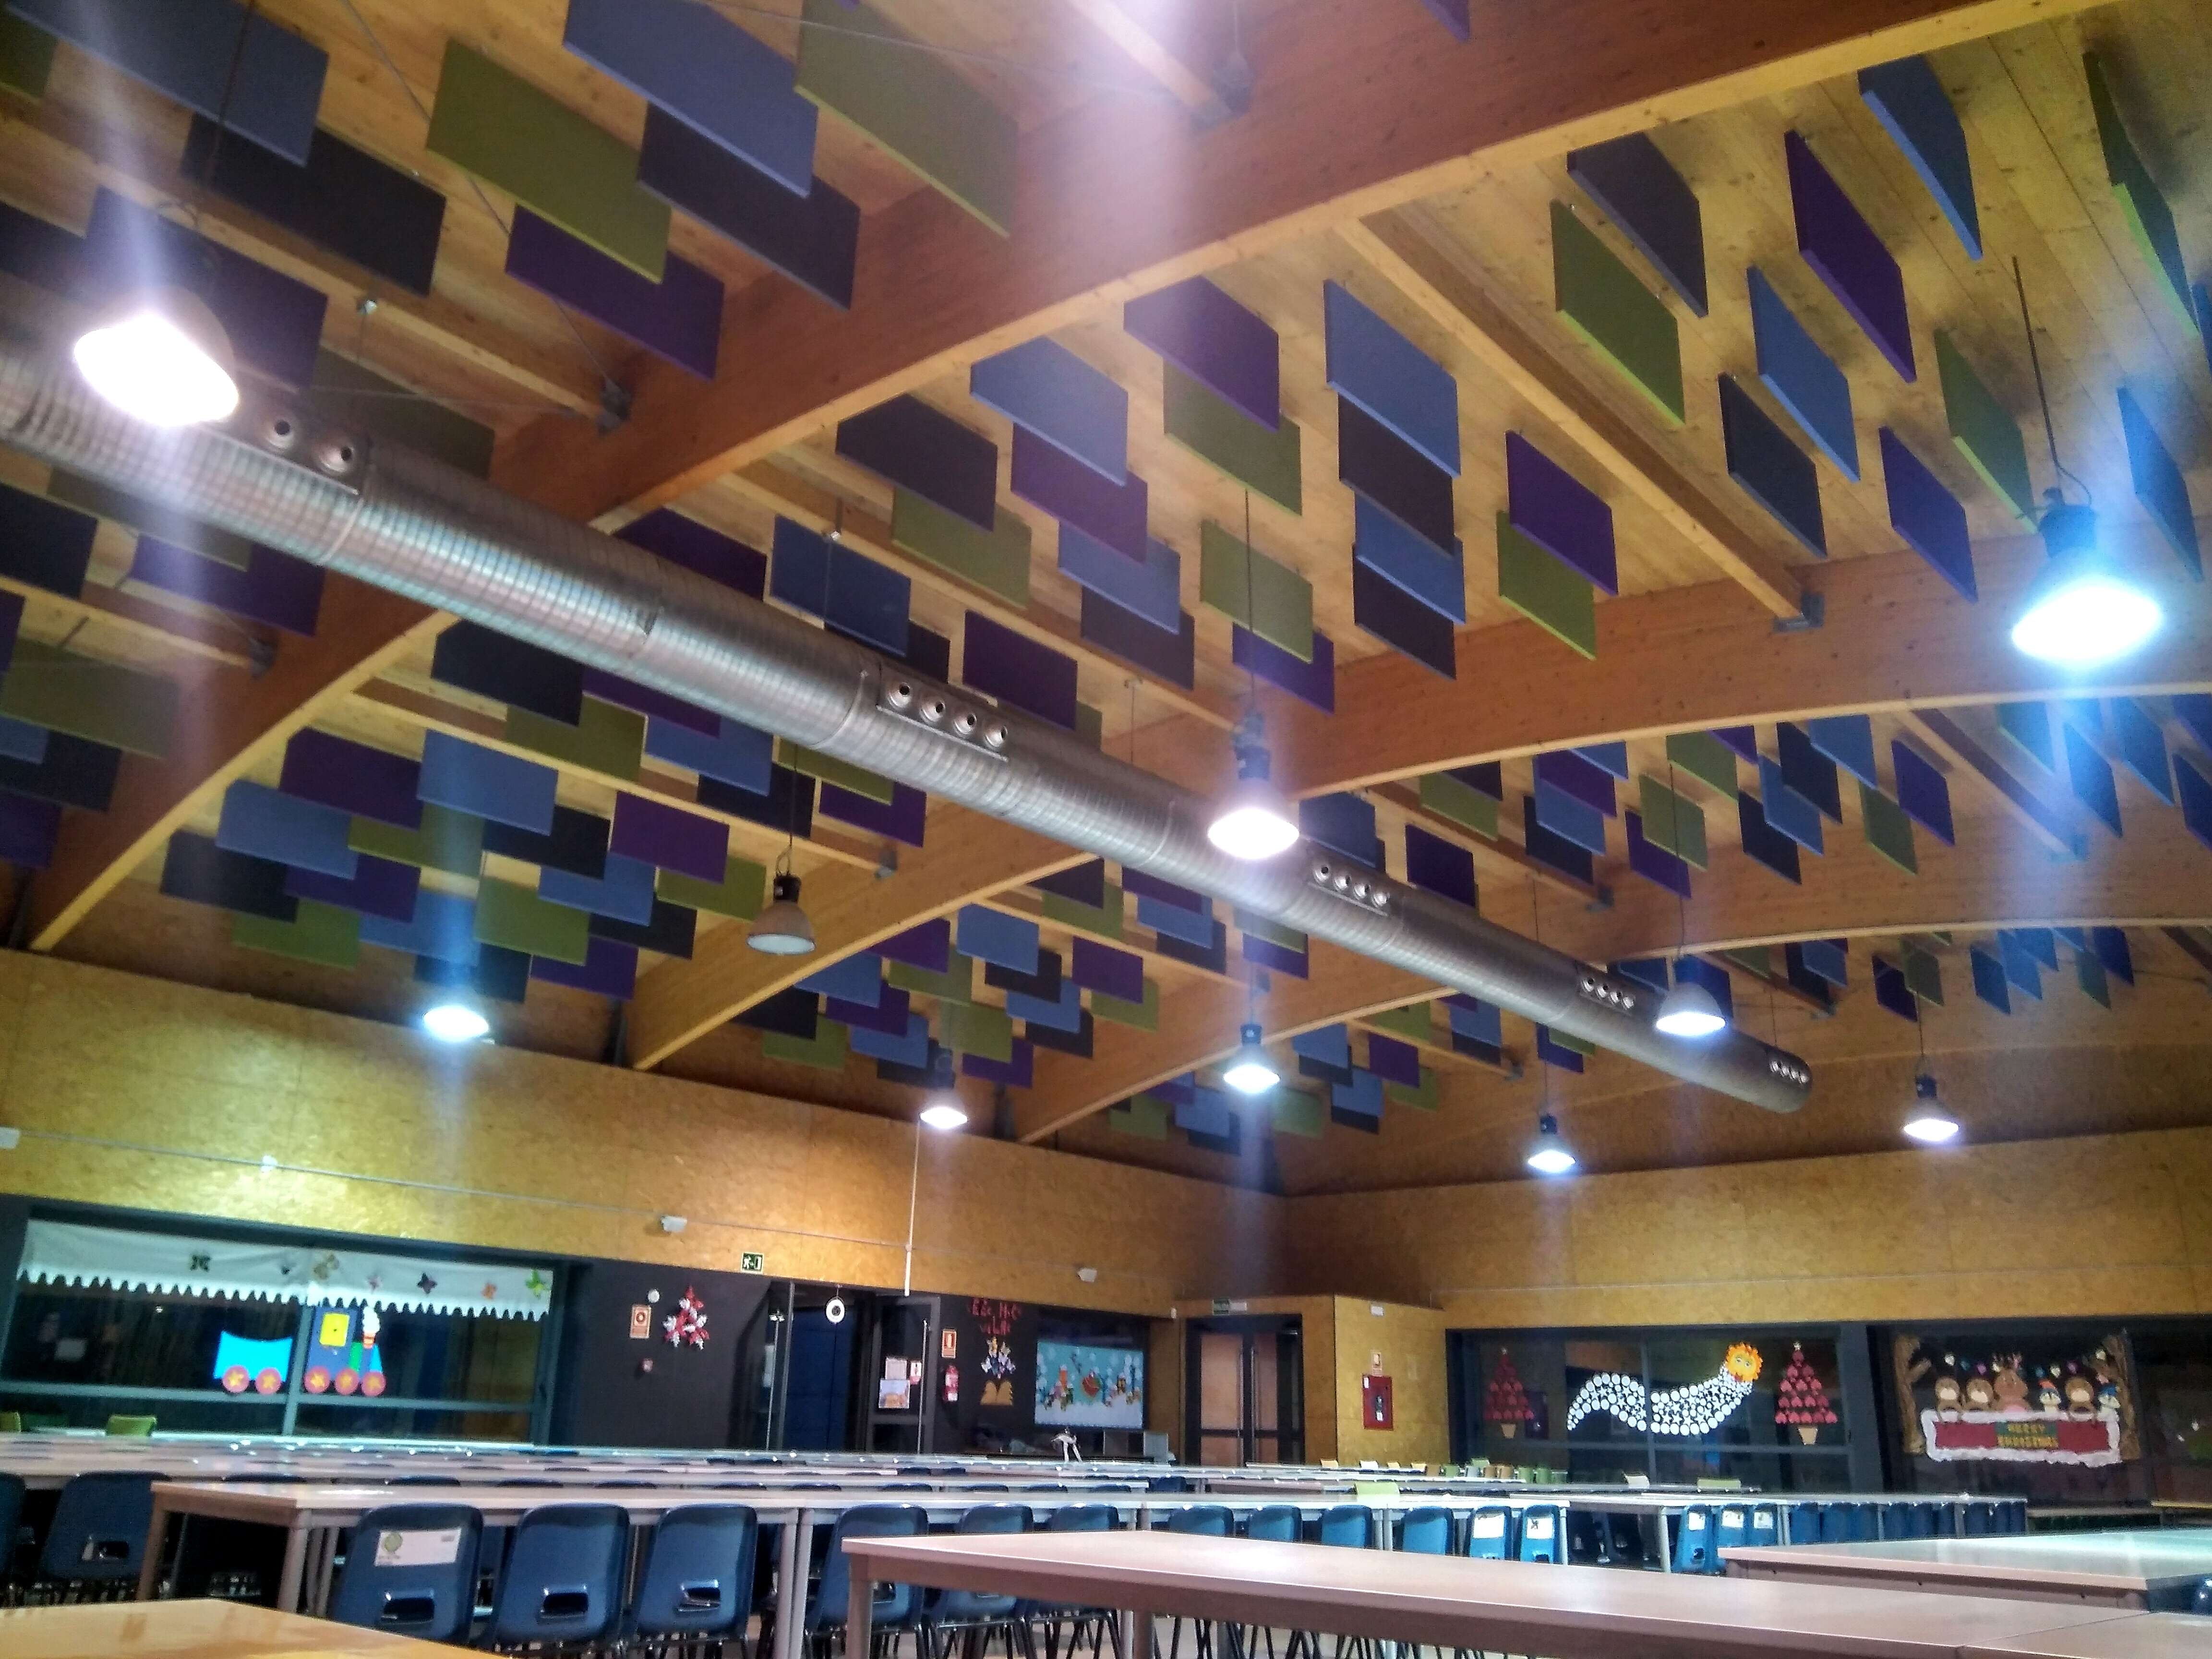 Paneles acusticos colgados en techo curvado de madera de un comedor escolar